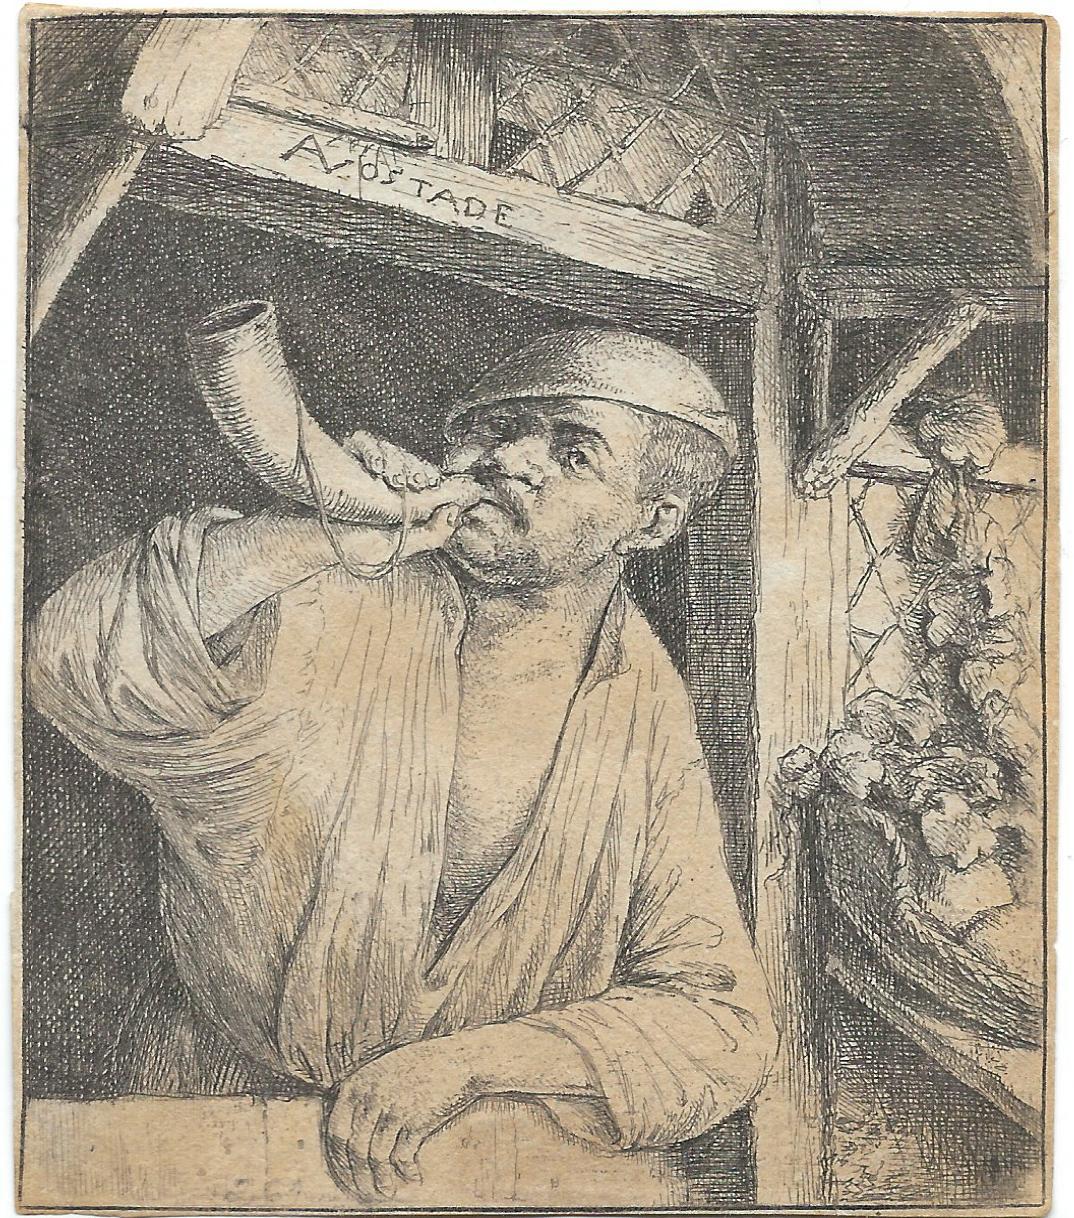 'Bakker blaast op een hoorn' (1646-1650) van Adriaen van Ostade. (Afbeelding aangeleverd)